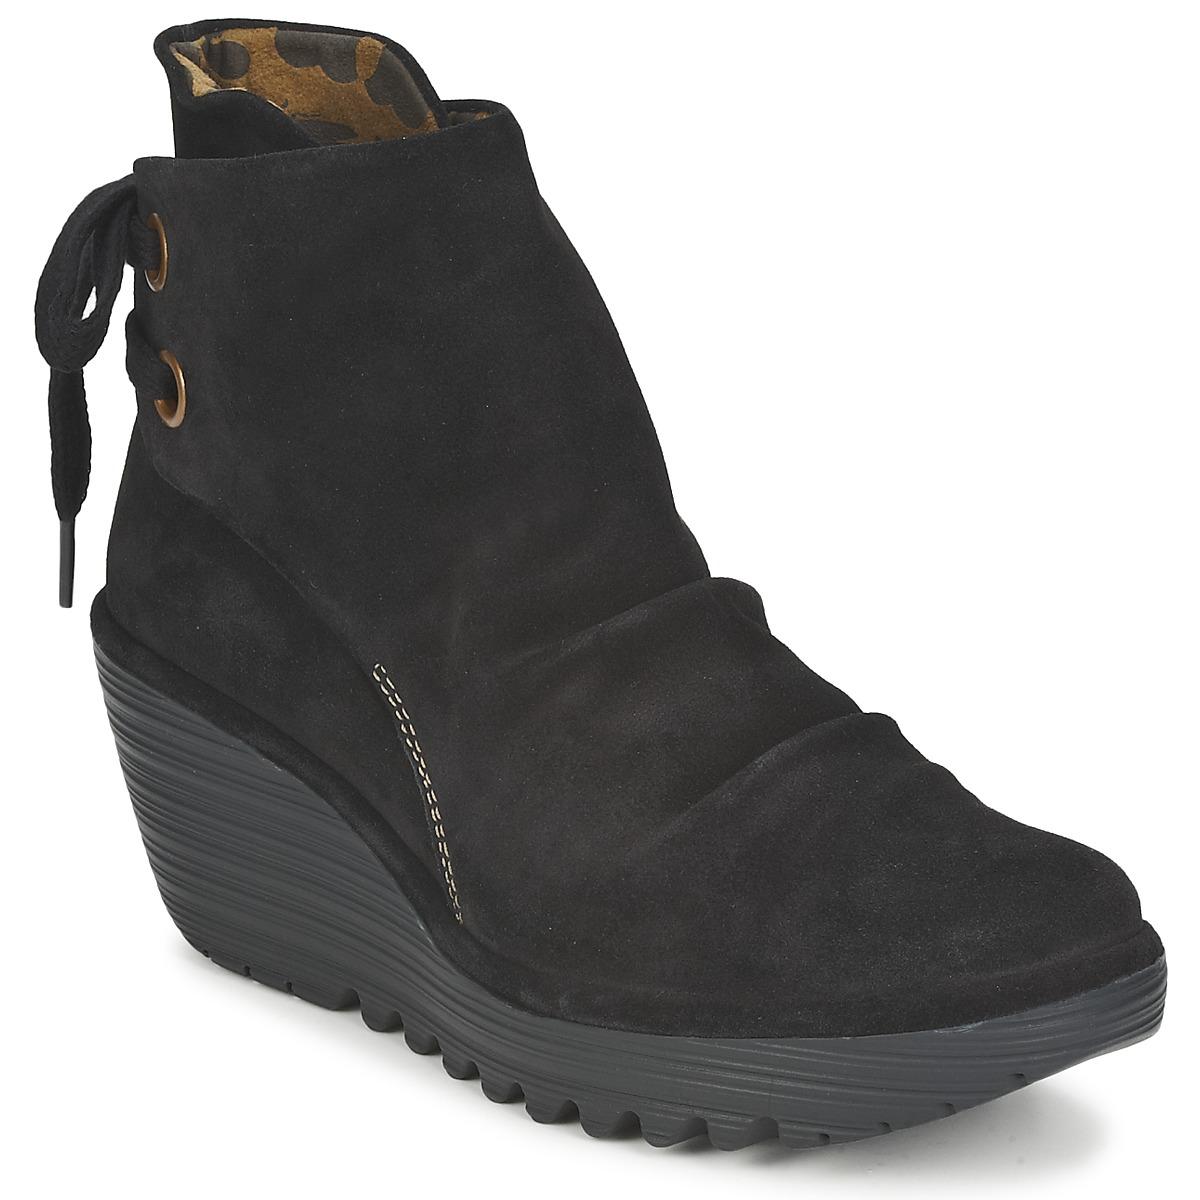 Fly London YAMA Schwarz - Kostenloser Versand bei Spartoode ! - Schuhe Low Boots Damen 92,00 €